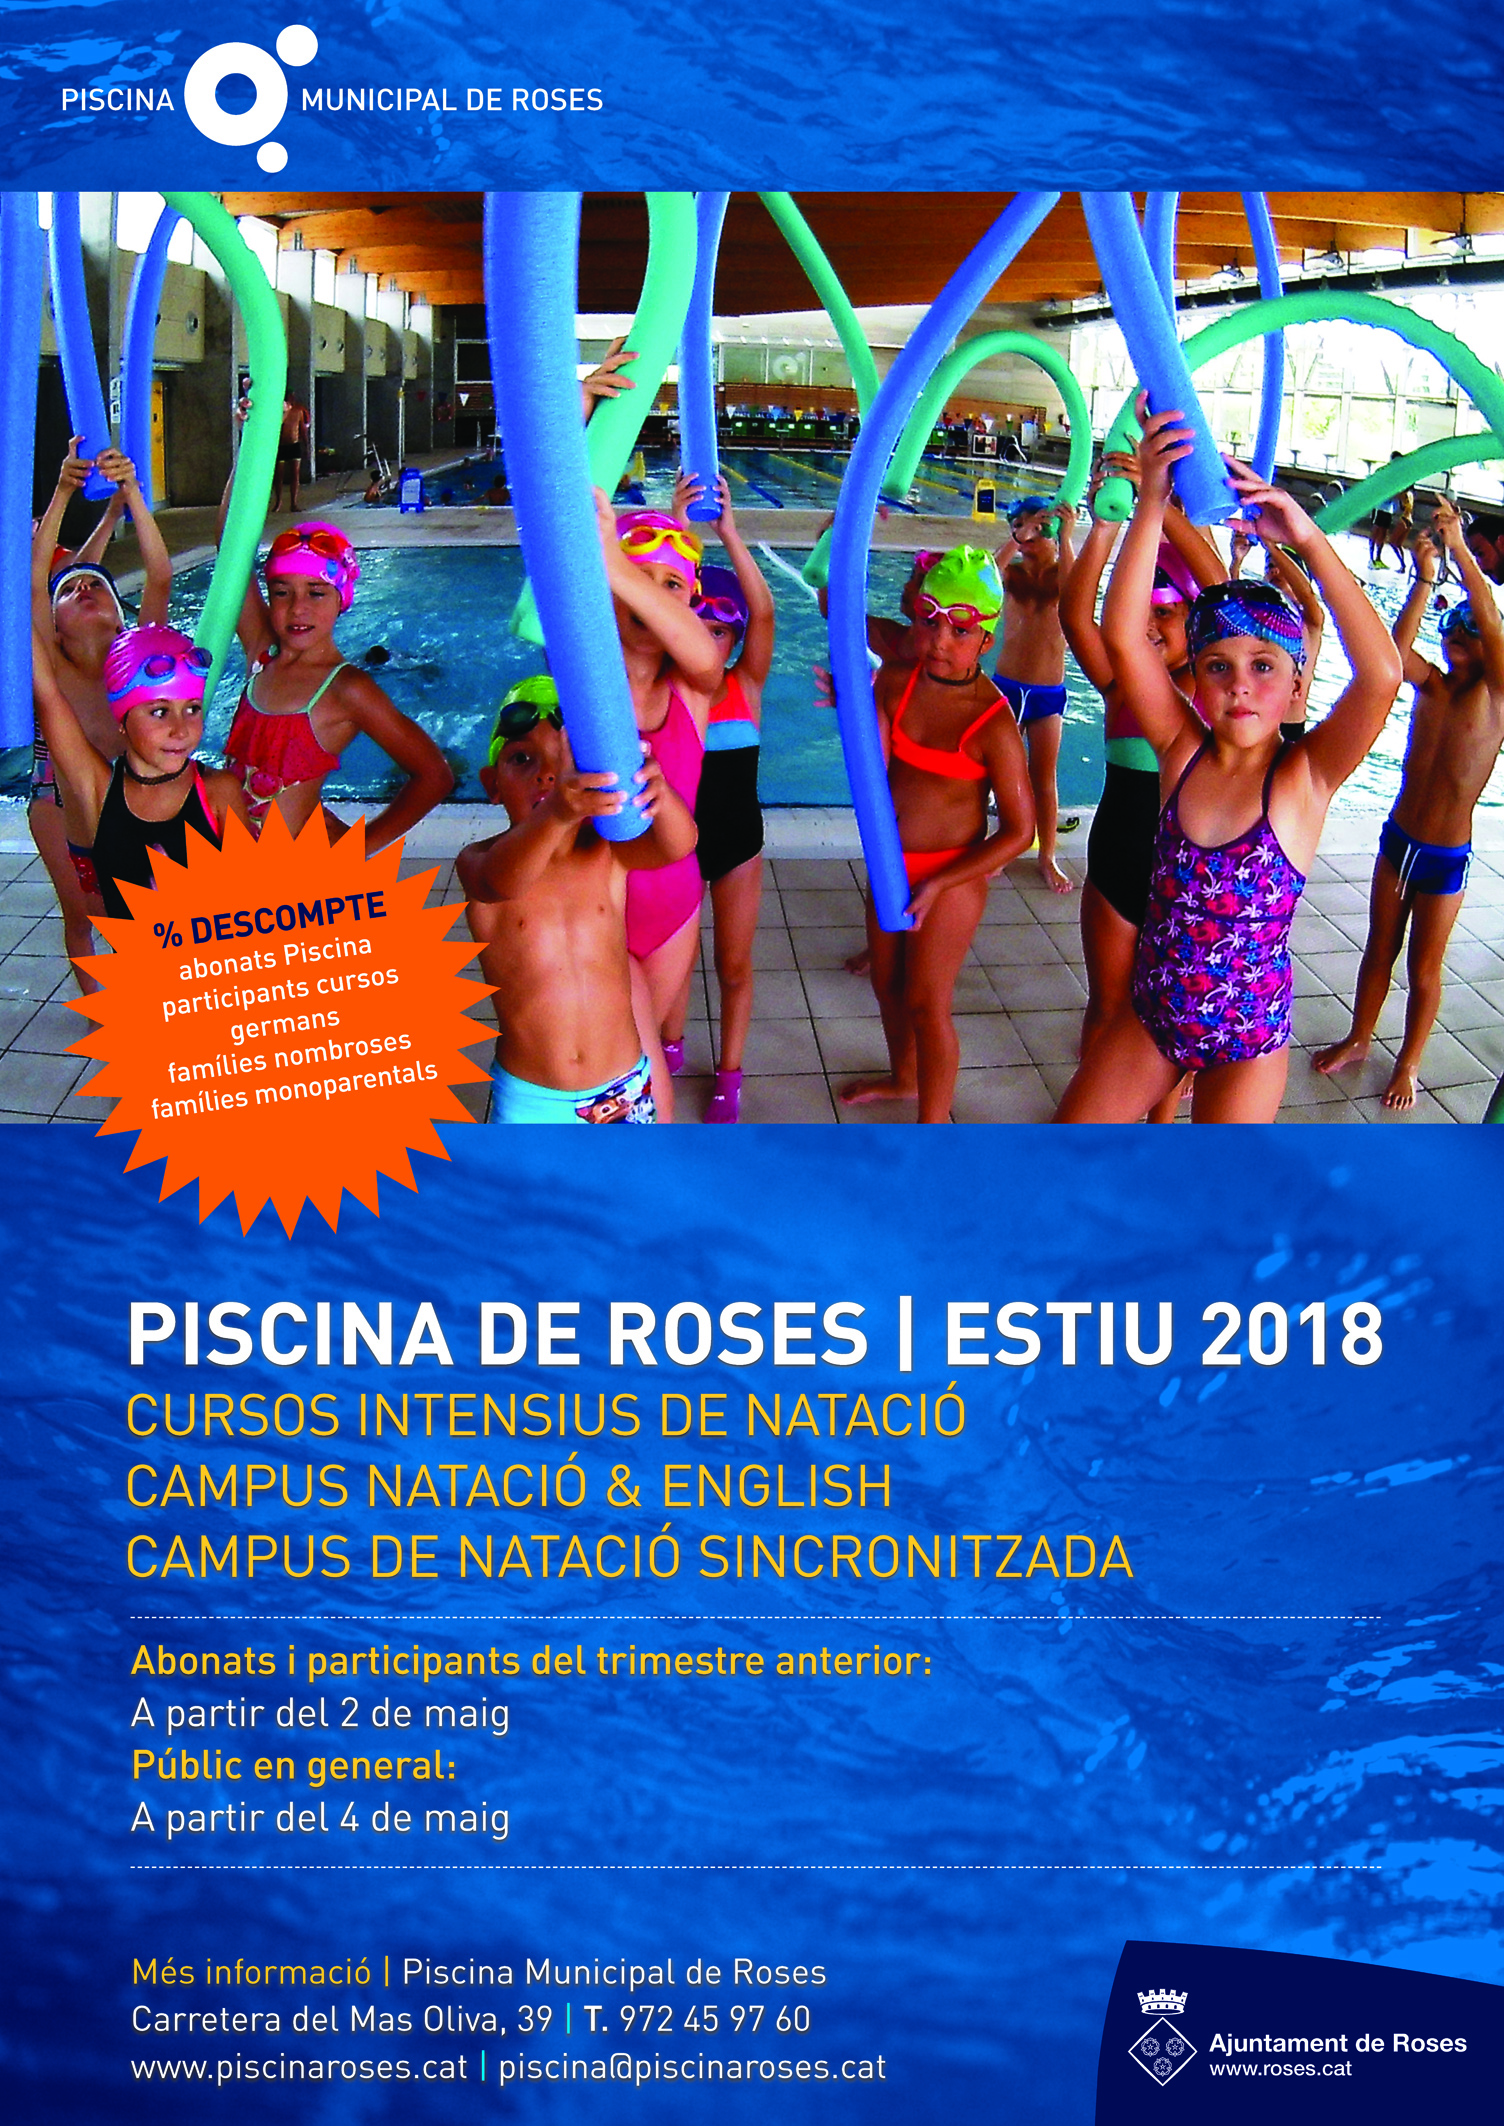 Campus i cursos de natació d'estiu a la Piscina de Roses